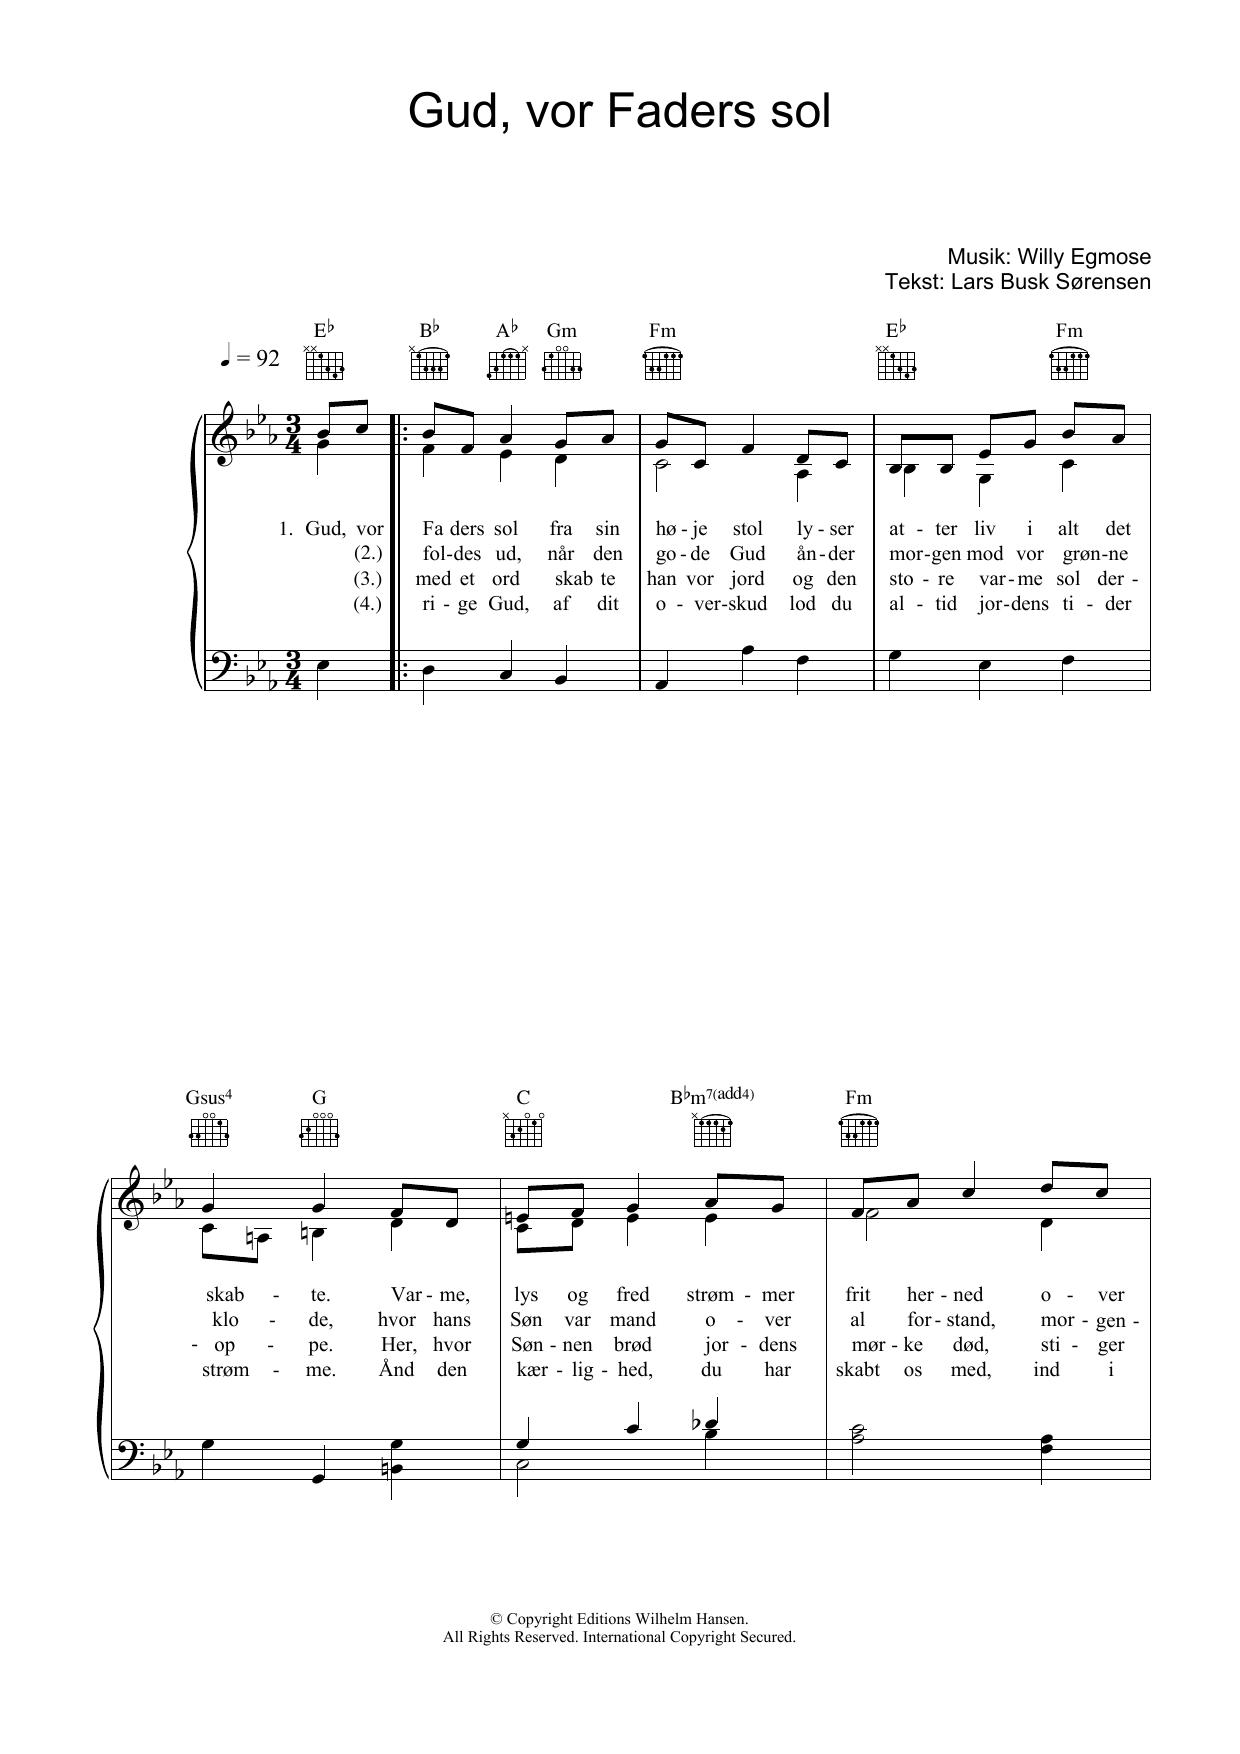 Gud, Vor Faders Sol sheet music